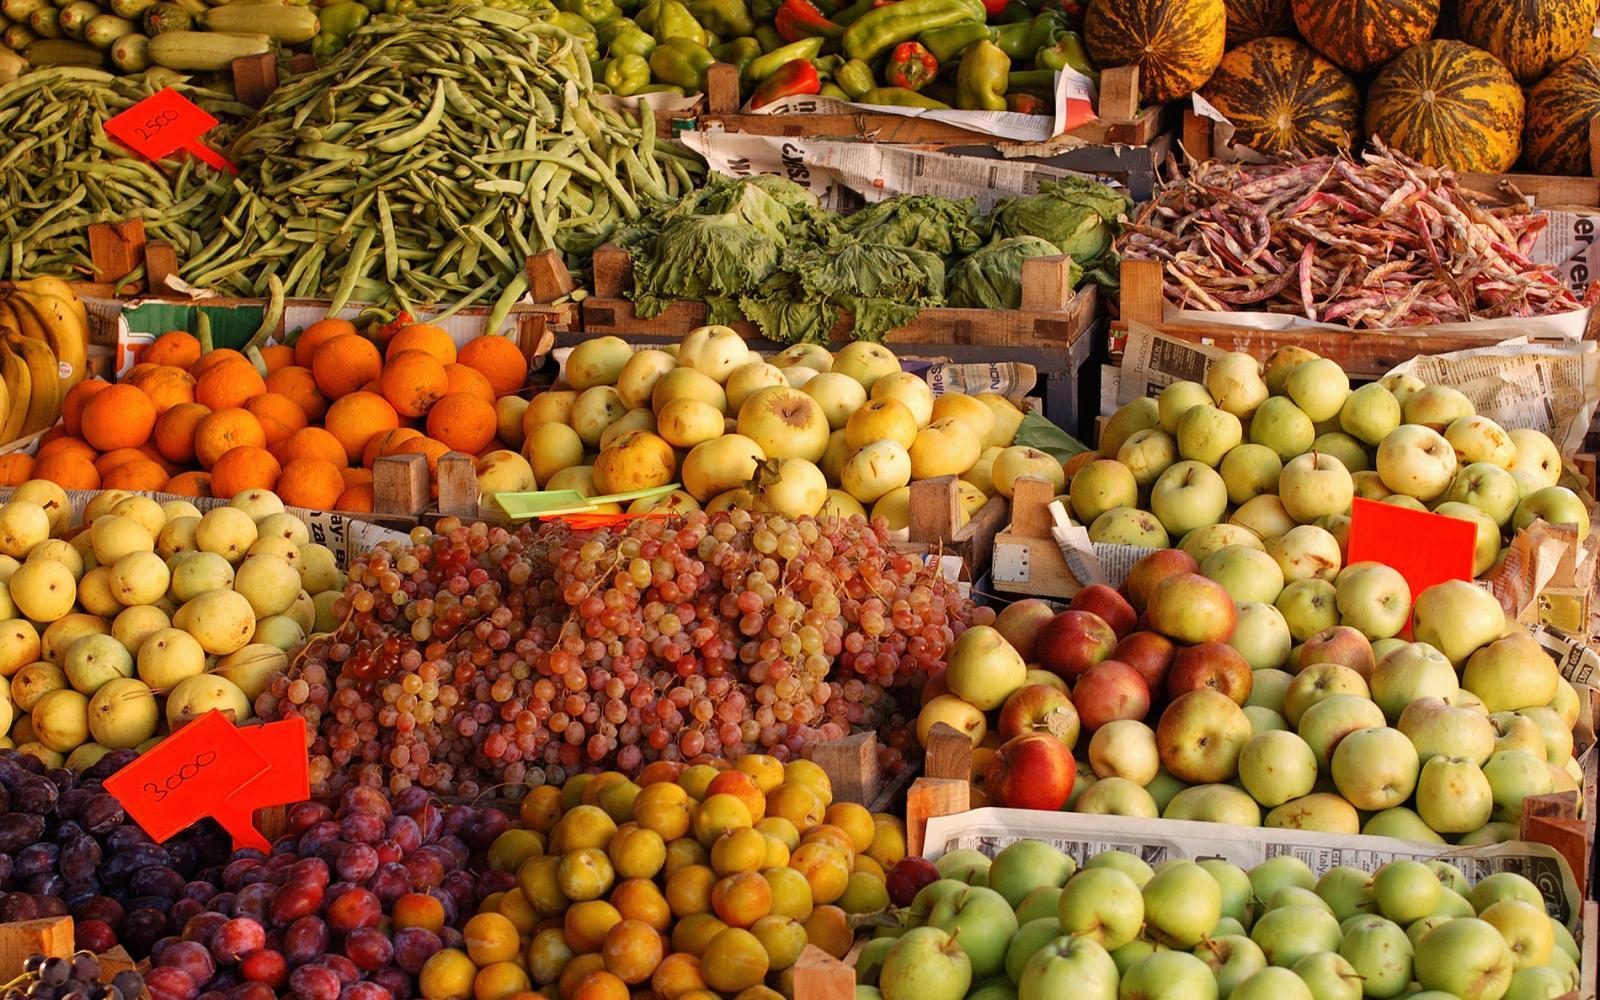 Calendrier Des Poissons Et Fruits De Mer De Saison.Agir Au Quotidien Revoir Son Alimentation Wwf France